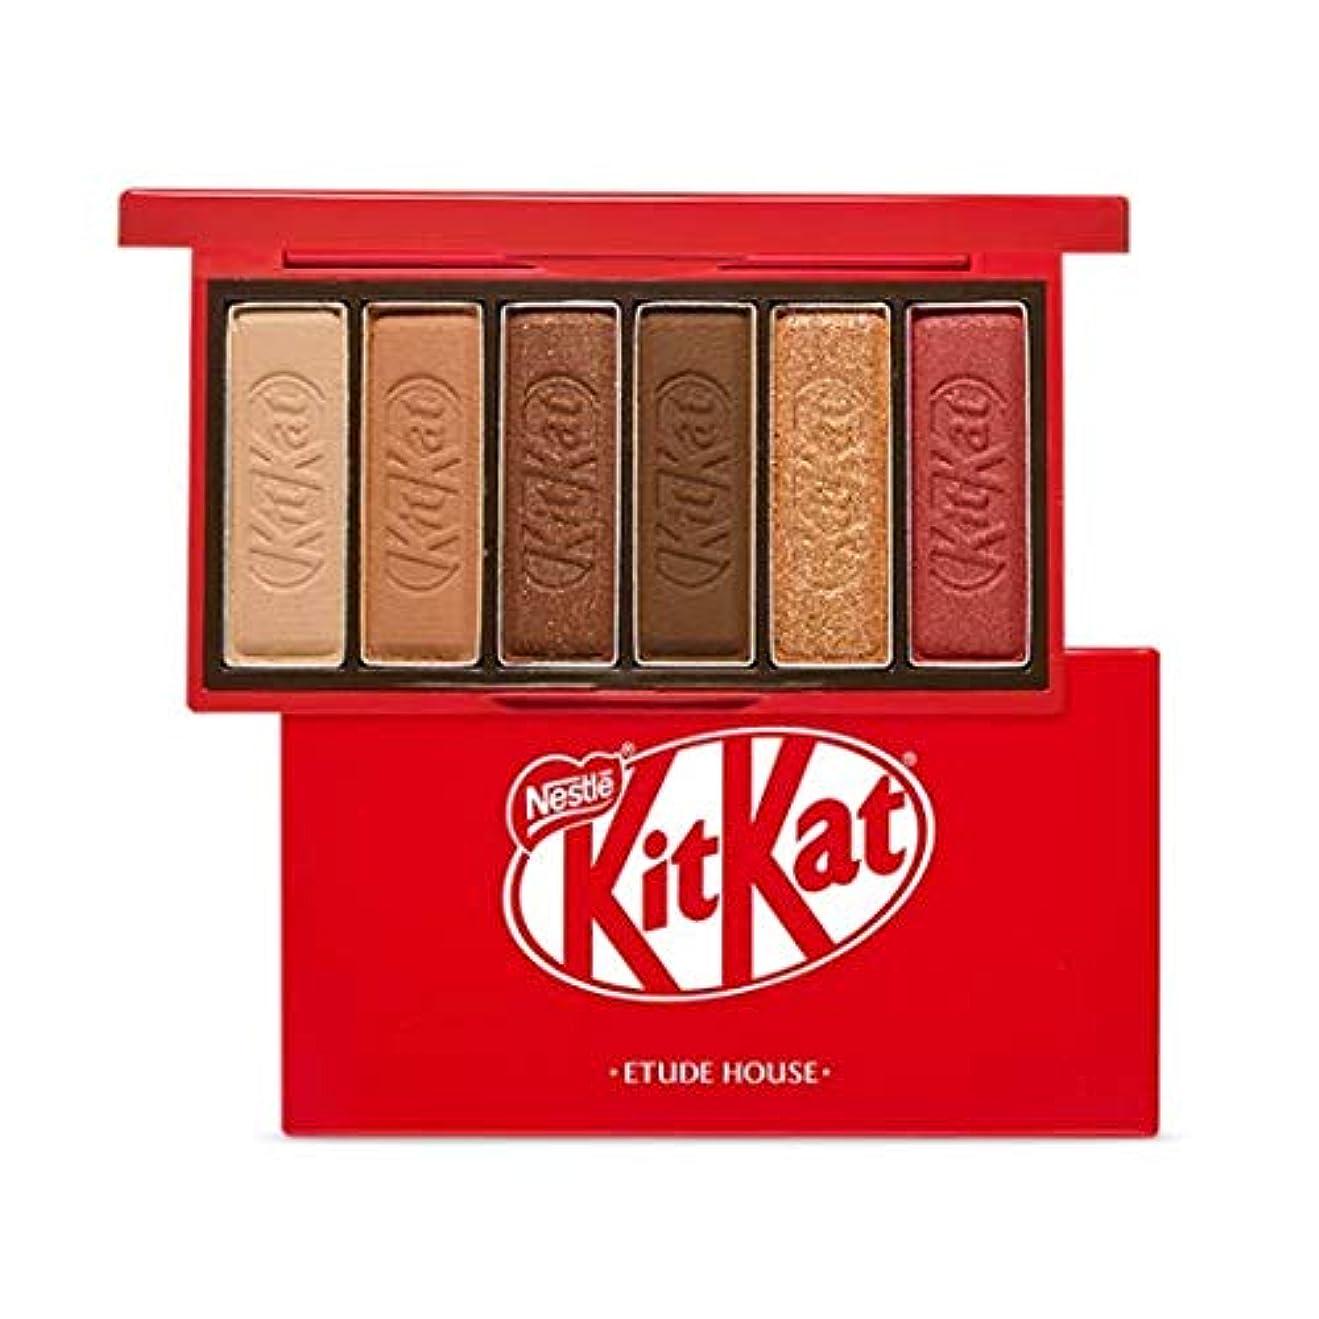 落胆する生命体見る人エチュードハウス キットカット プレイカラー アイズ ミニ 1*6g / ETUDE HOUSE KitKat Play Color Eyes Mini #1 KitKat Original [並行輸入品]